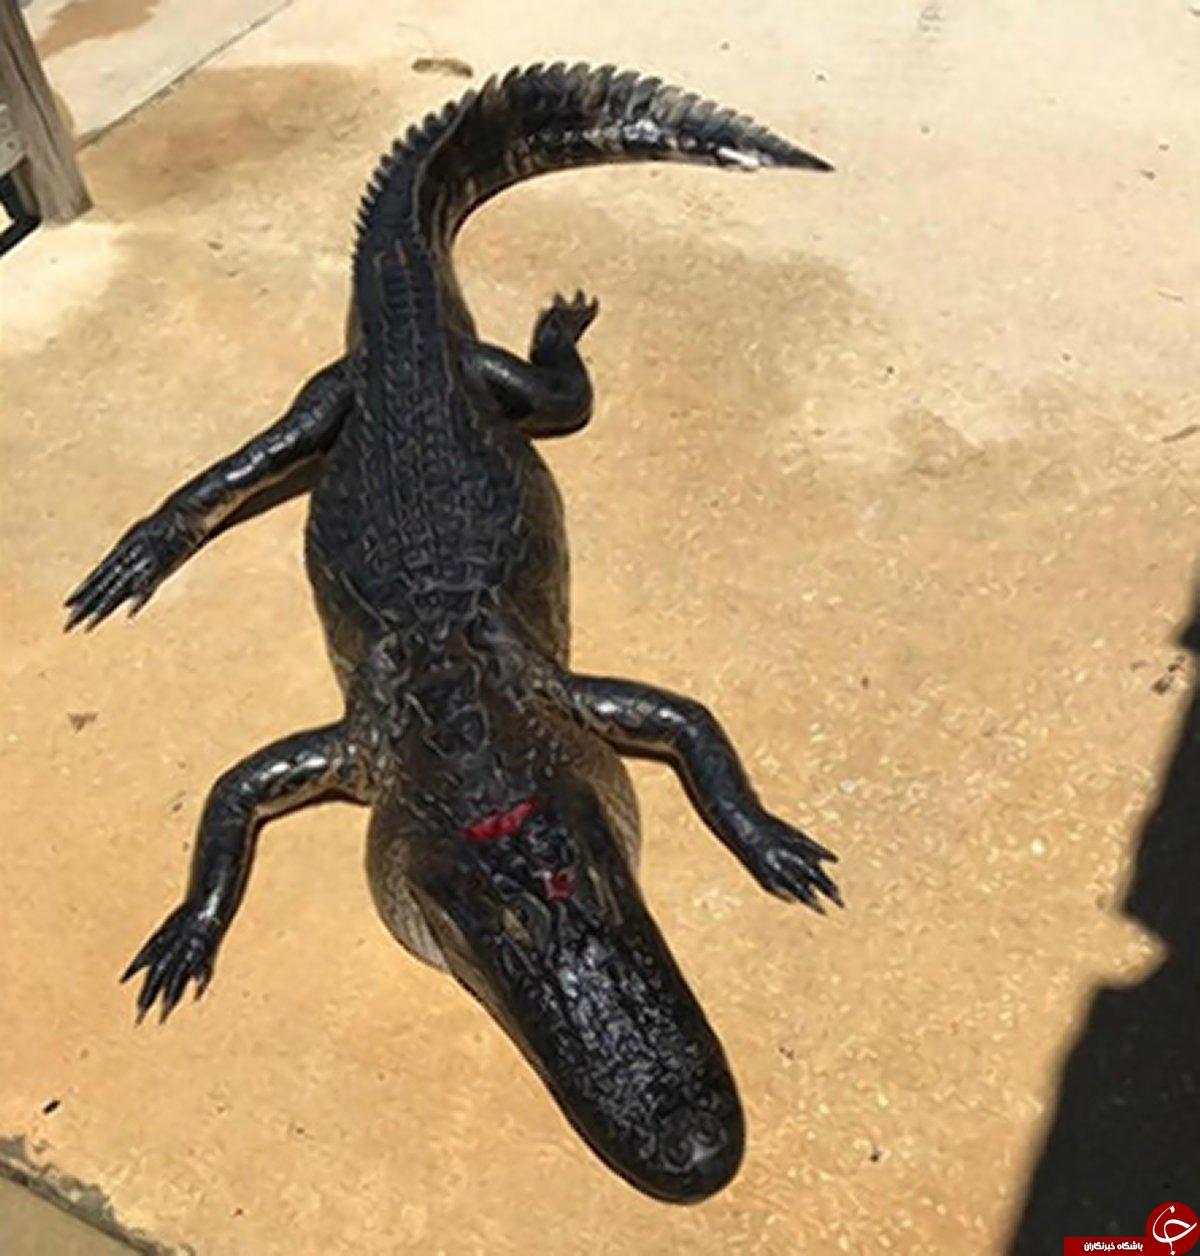 حمله تمساح به دختربچه